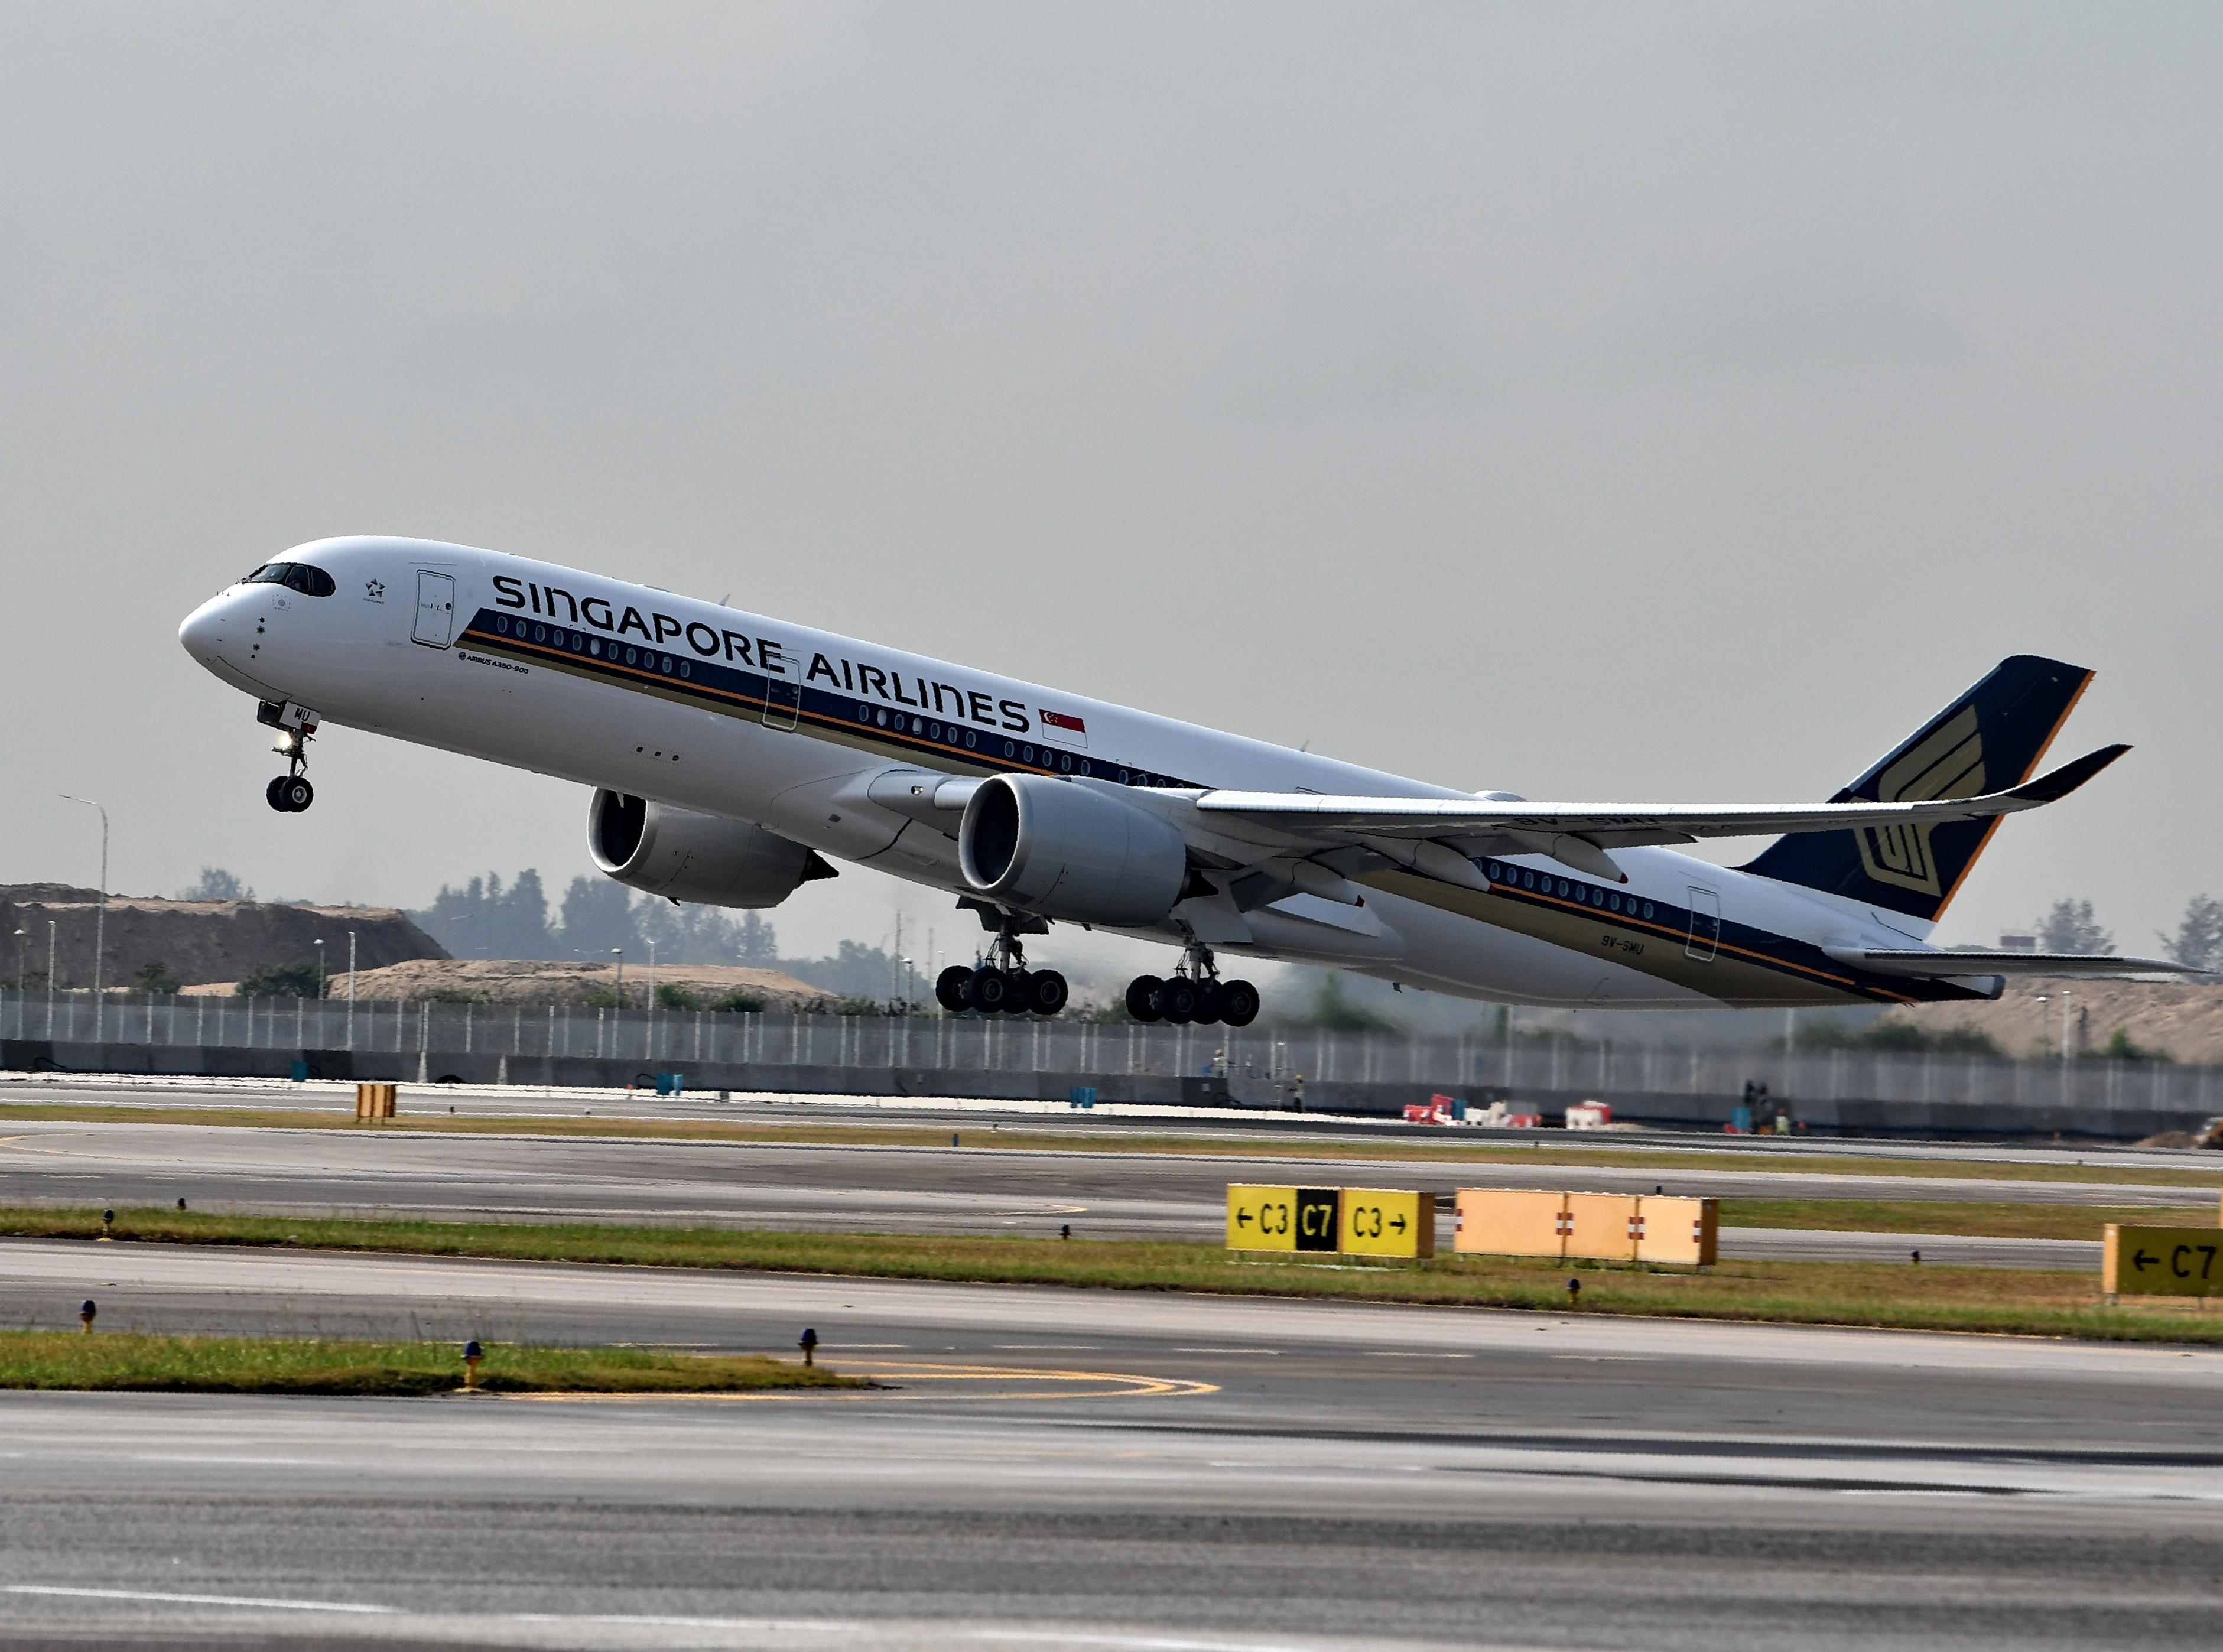 Passageiros se preparam para o voo comercial direto mais longo do mundo: 19 horas de Singapura a Nova York